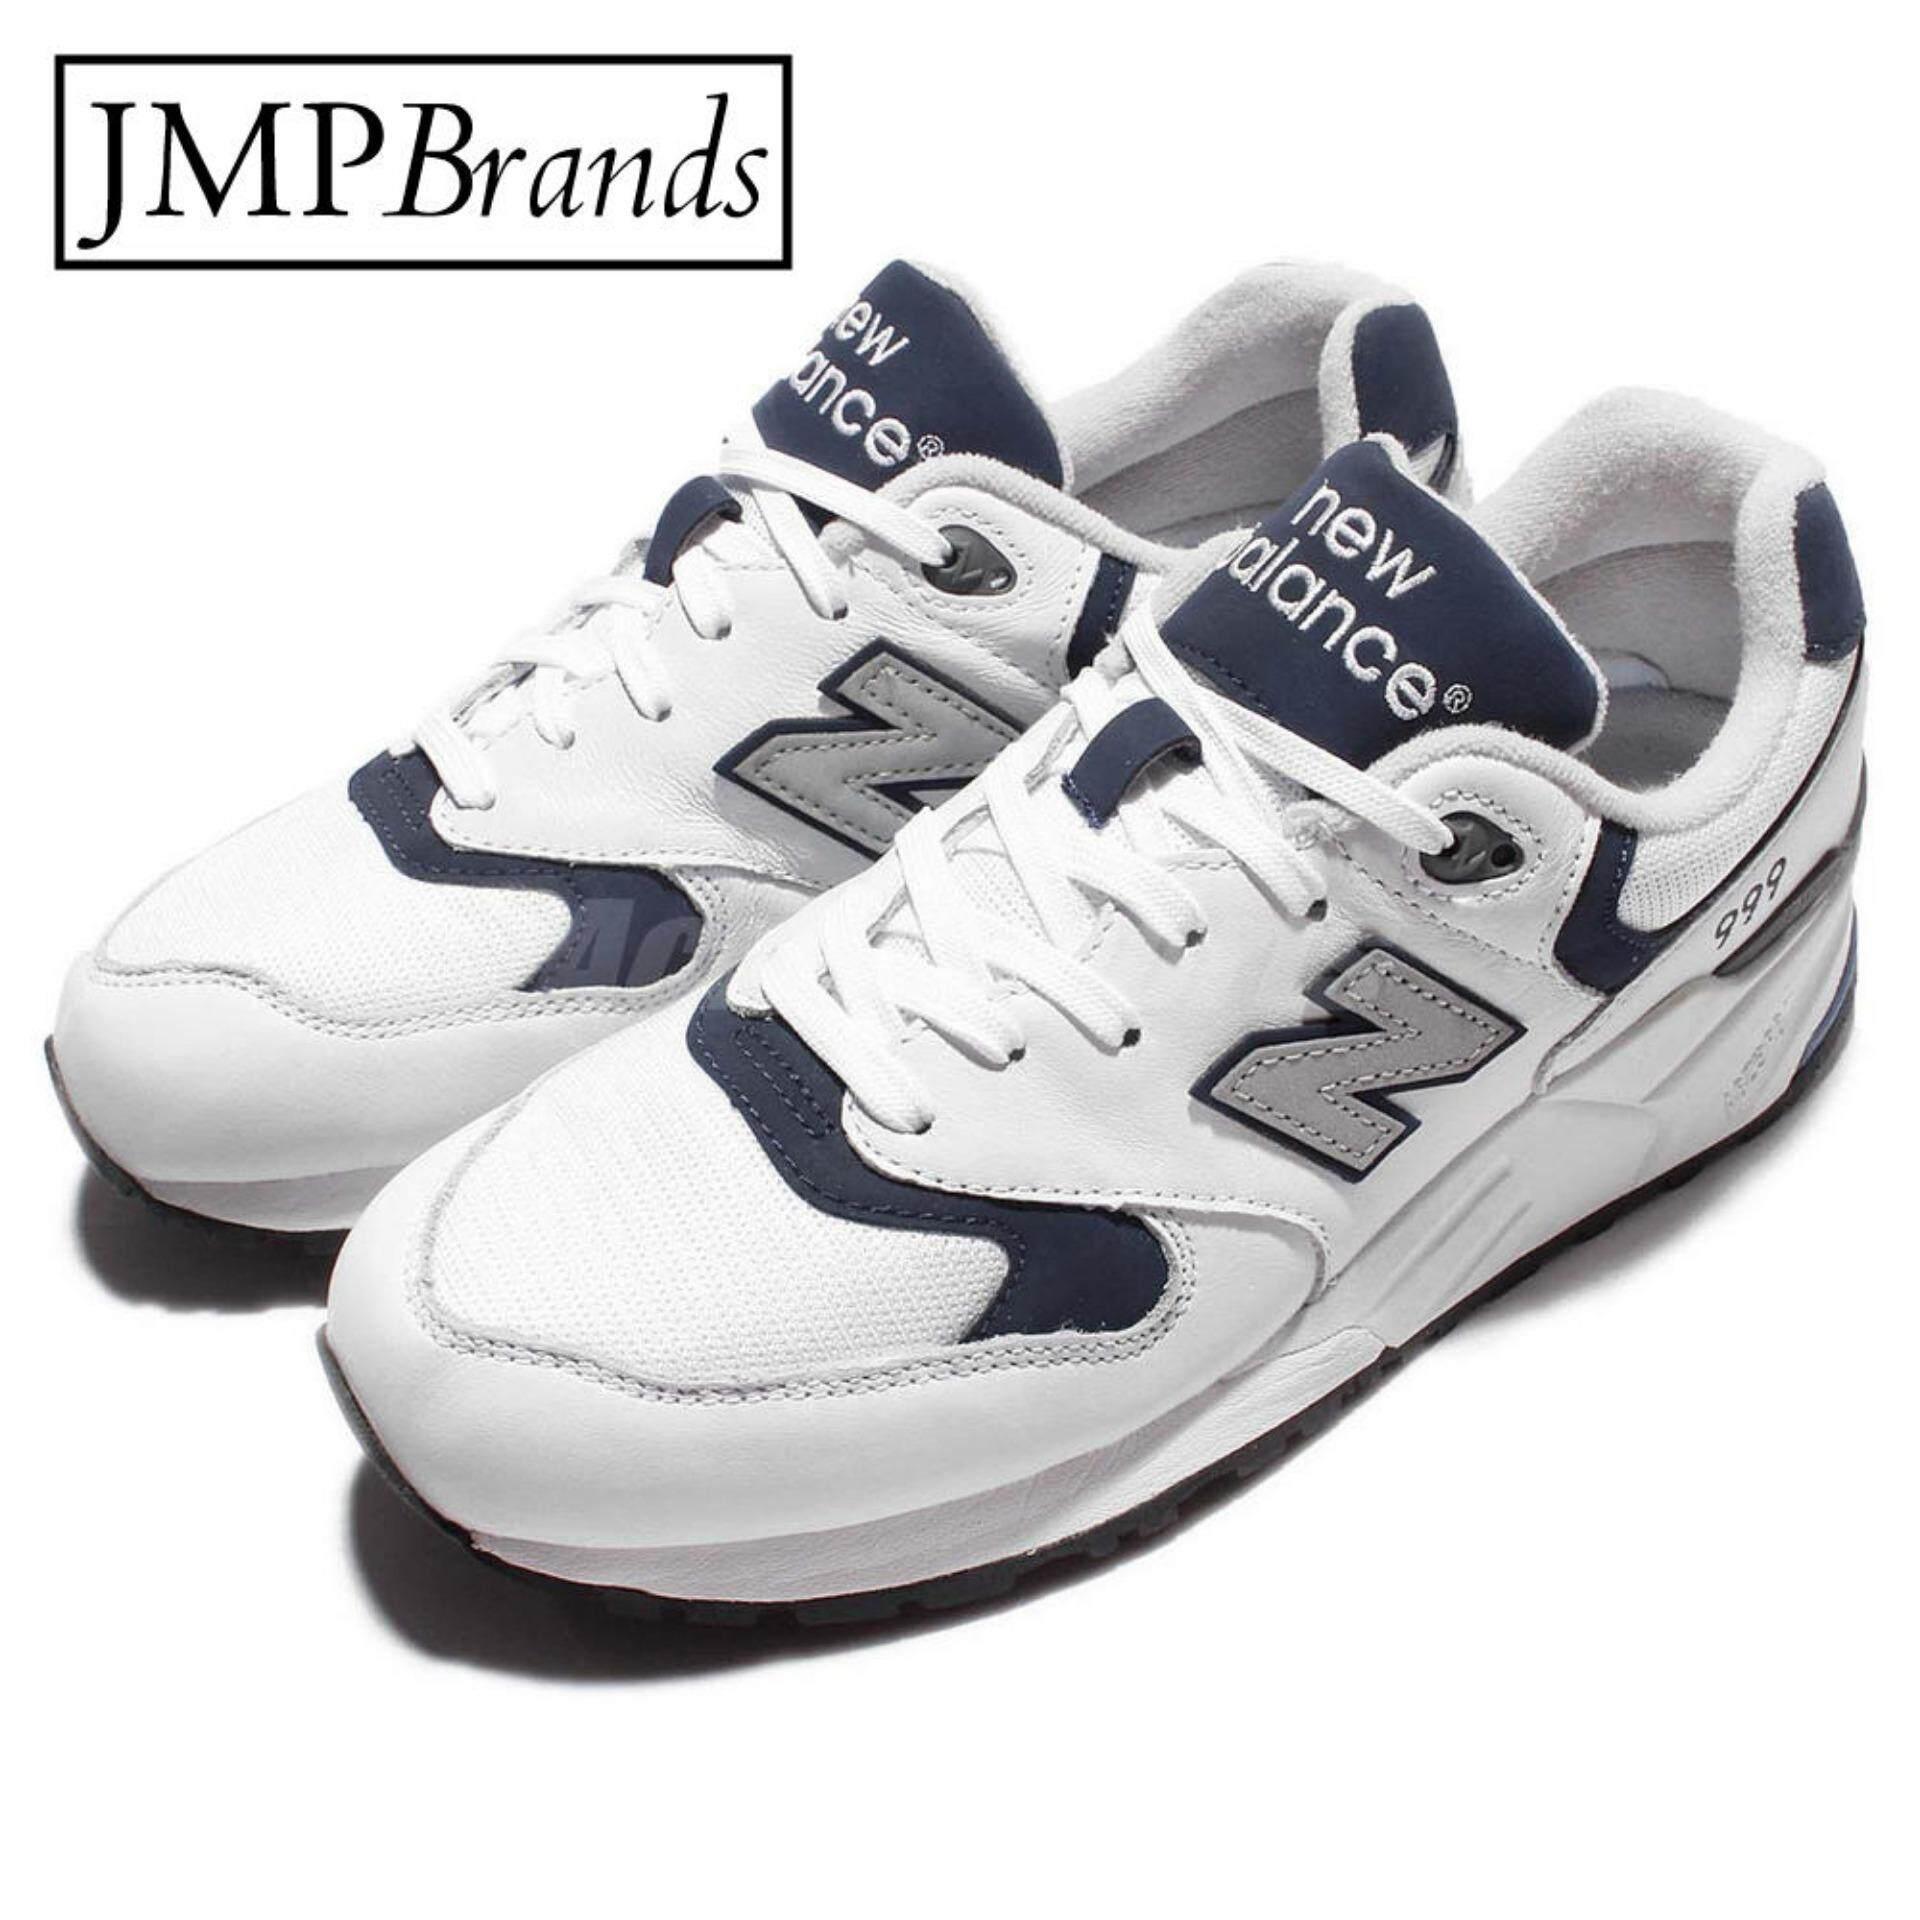 ขาย ซื้อ New Balance นิวบาลานซ์ รุ่น Ml999Luc รองเท้าผ้าใบกีฬา สำหรับวิ่งออกกำลังกาย สีขาว